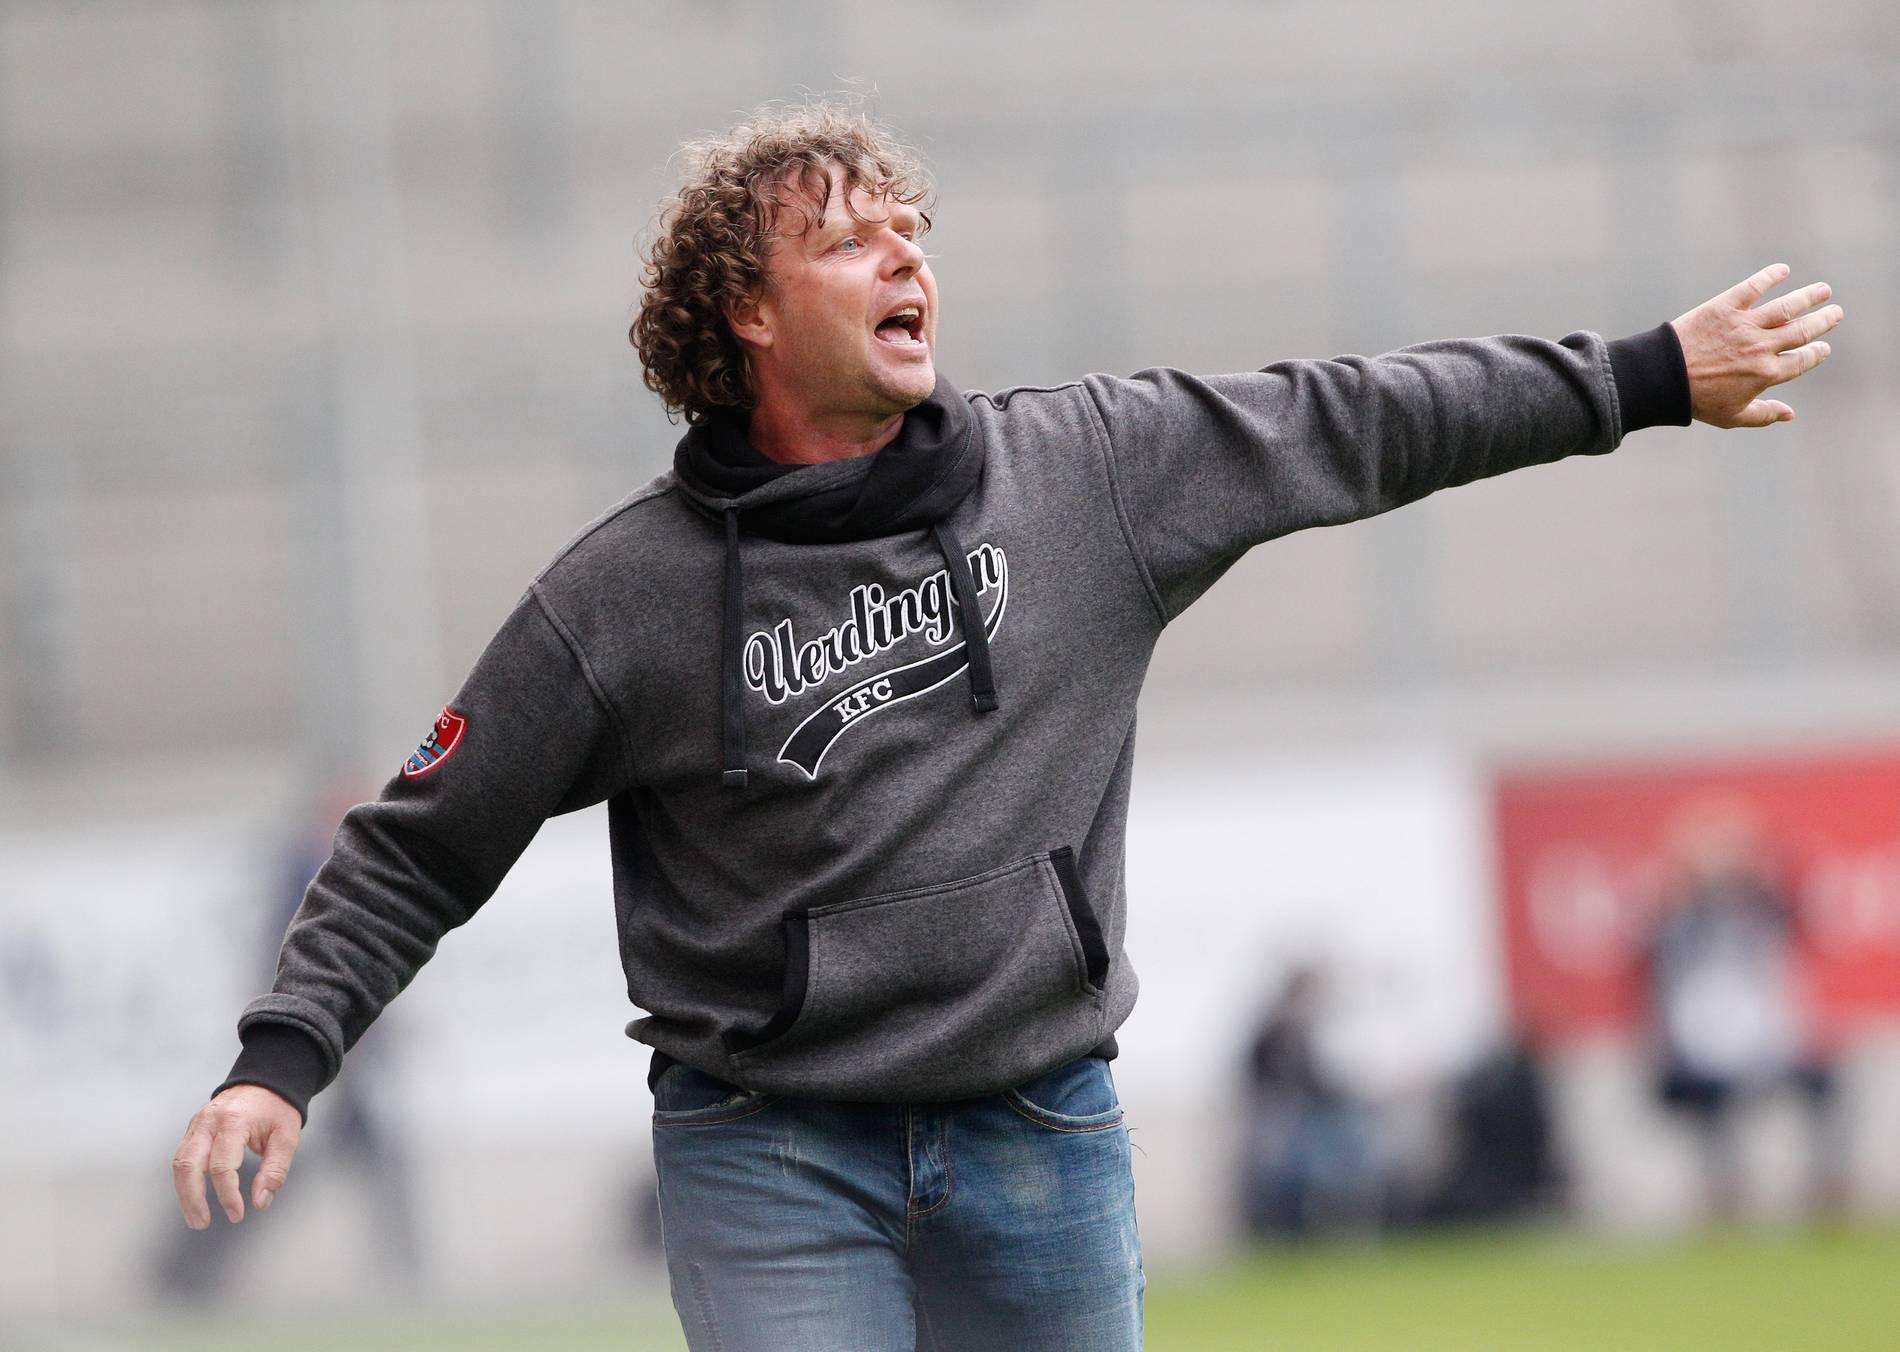 730a87422210a9 Dritte Liga   KFC Uerdingen trennt sich von Trainer Krämer